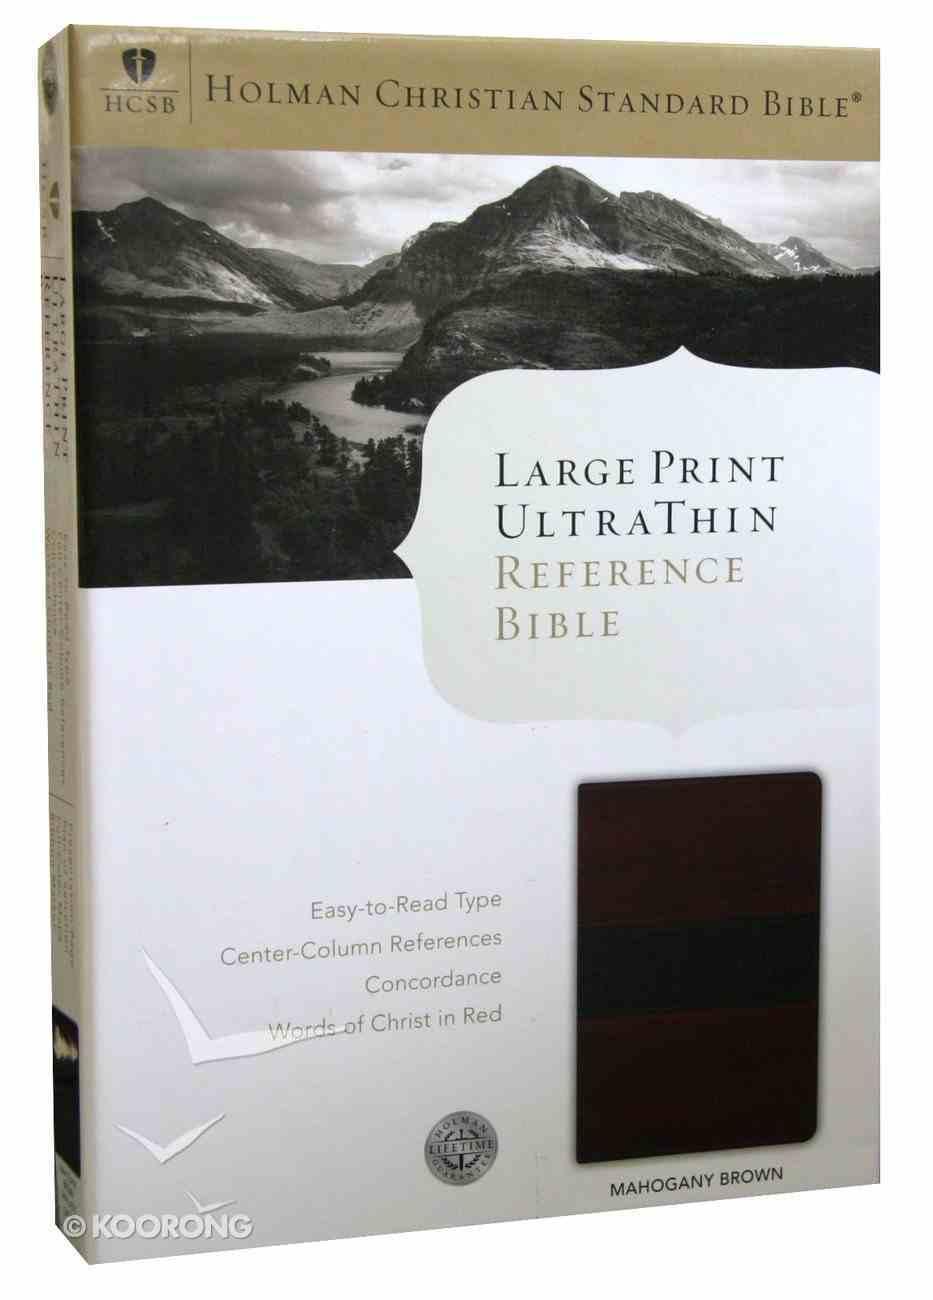 HCSB Large Print Ultrathin Bible Mahogany Simulated Leather Imitation Leather